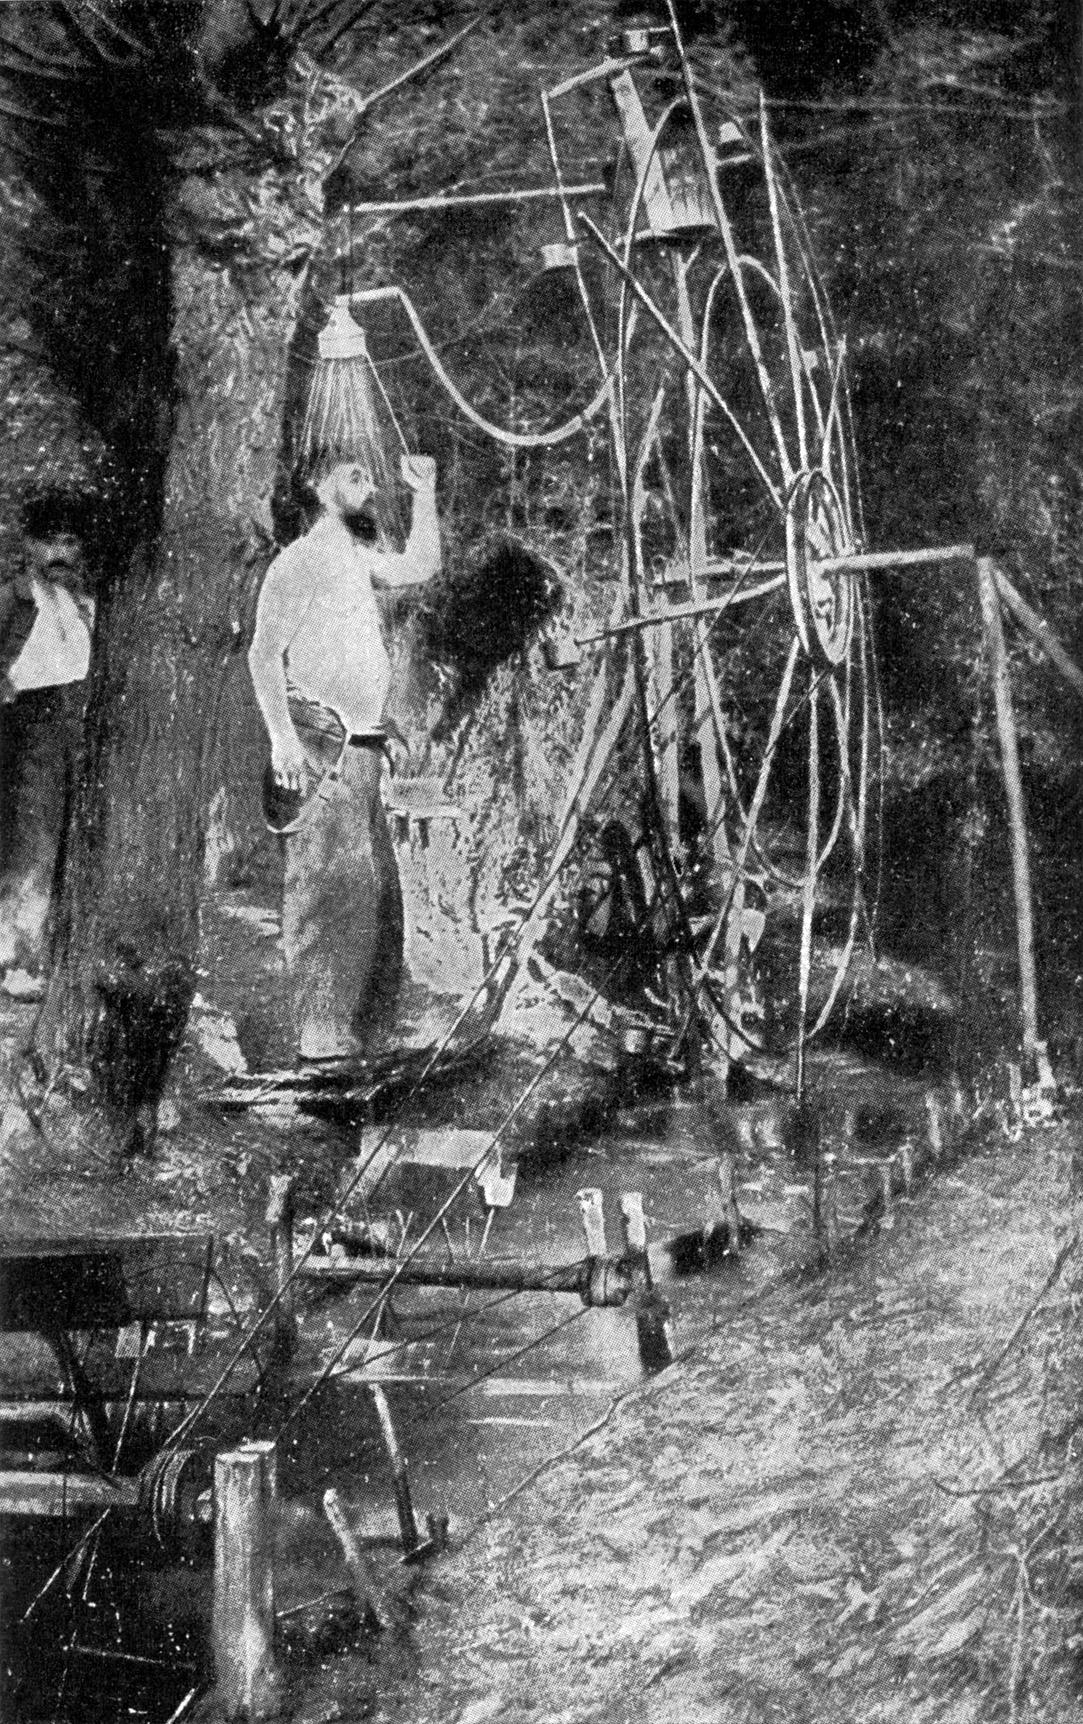 Improvisierte Dusche im 1. Weltkrieg - Quelle: Wikimedia